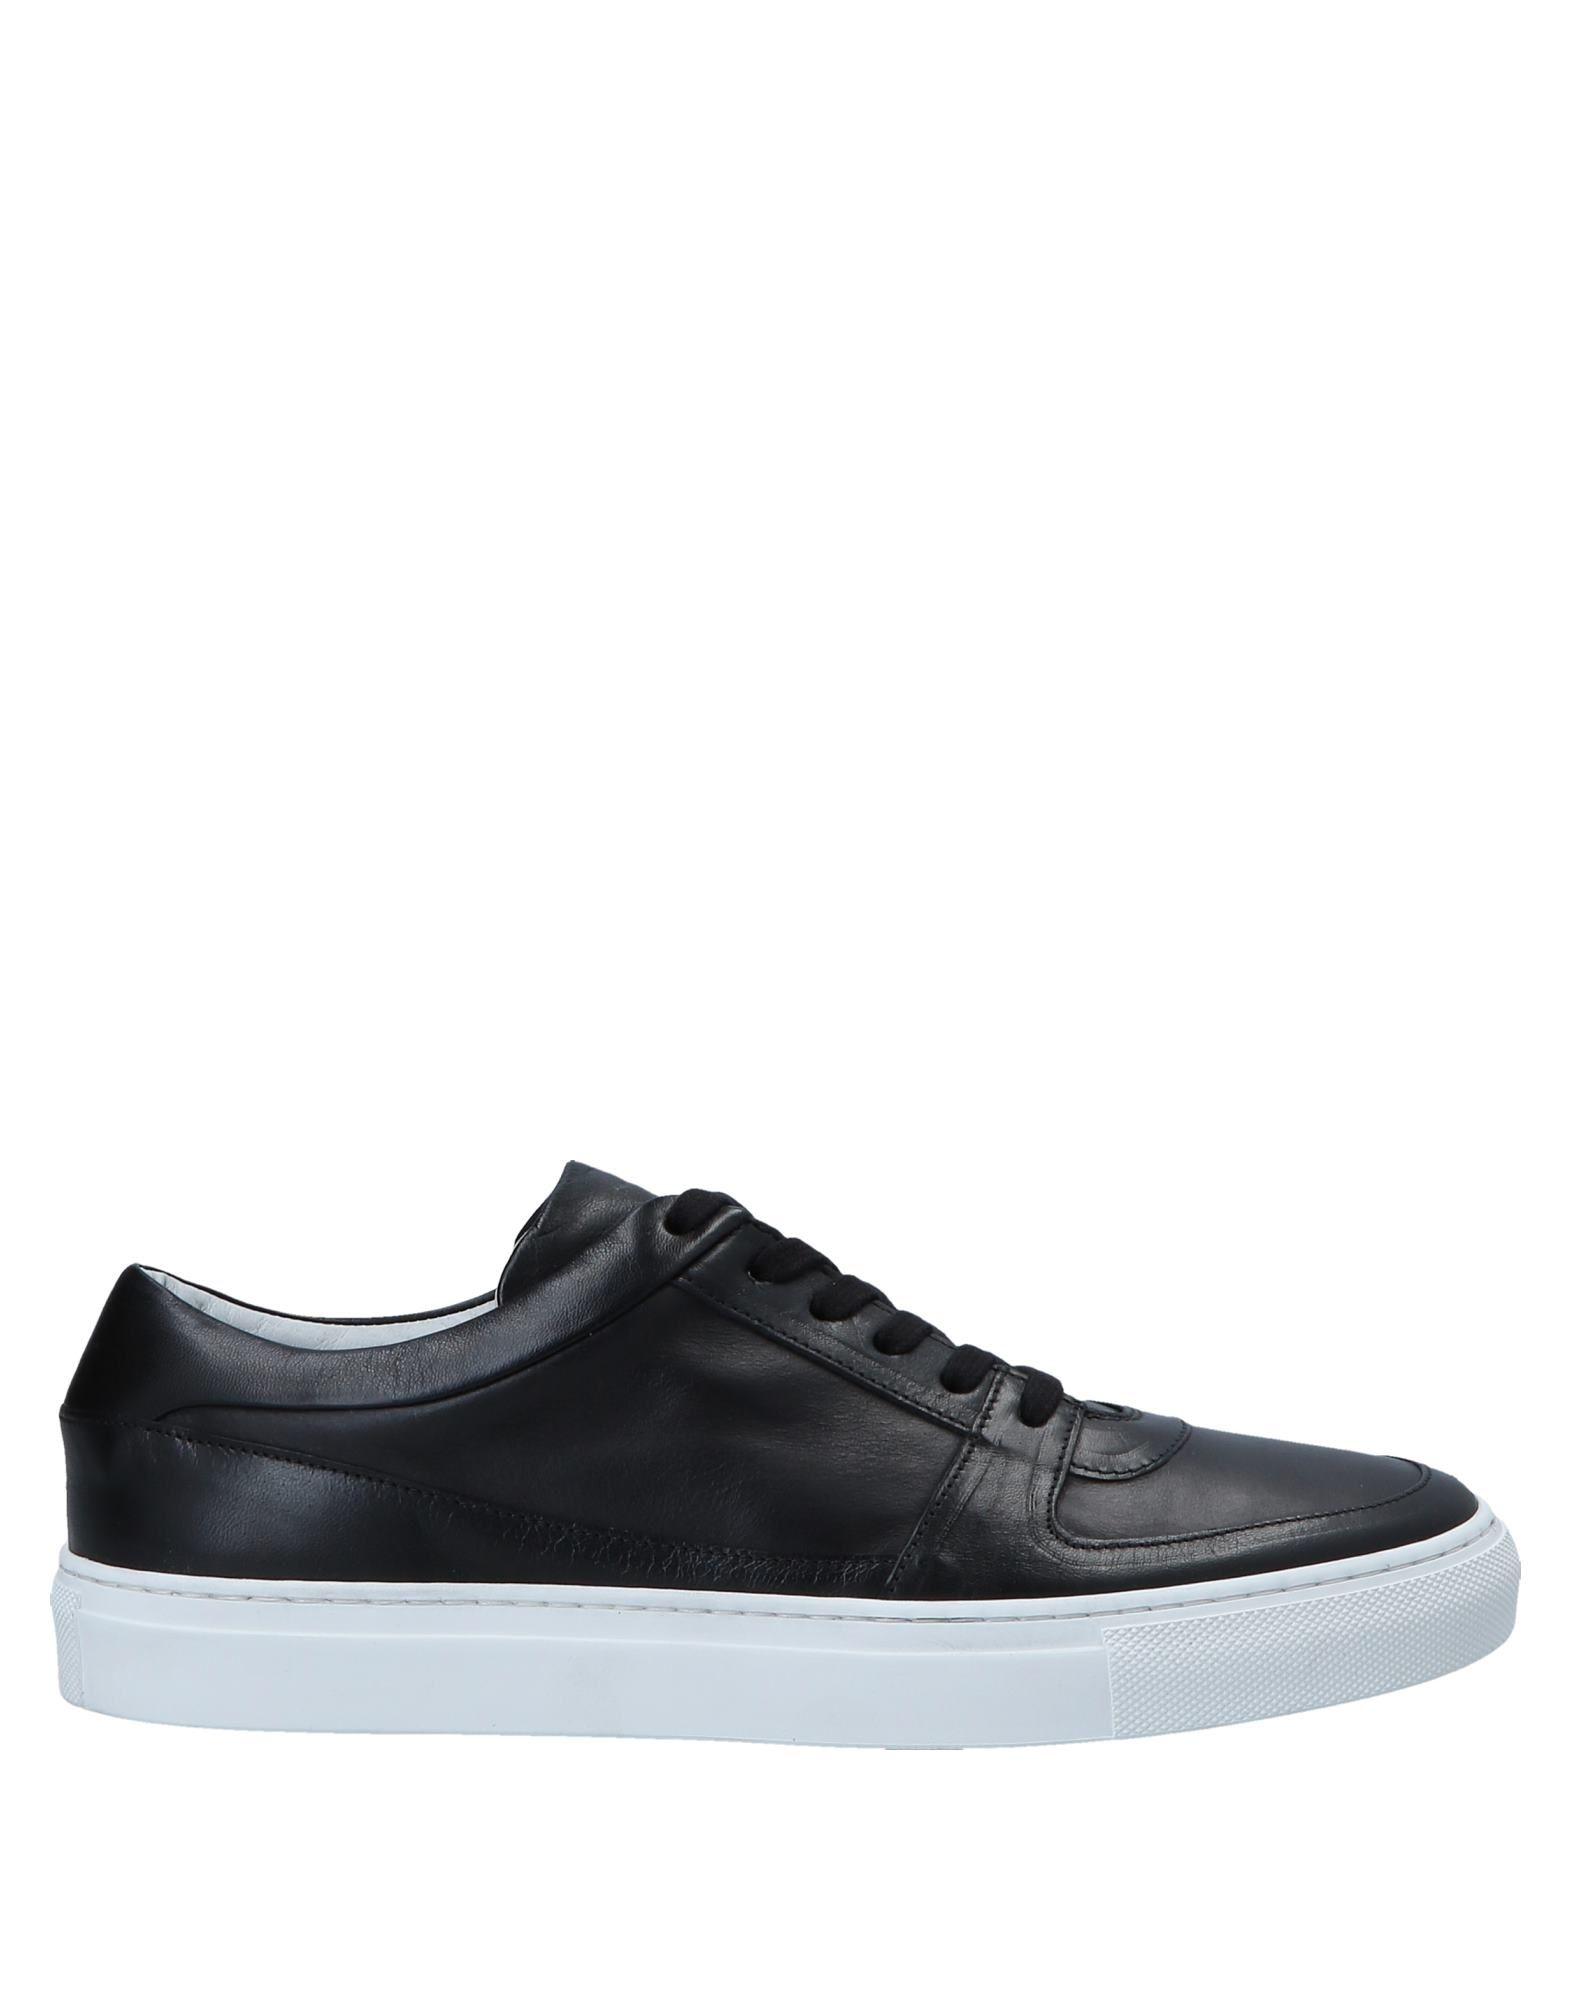 Sneakers Fabiano Ricci Homme - Sneakers Fabiano Ricci  Noir Dernières chaussures discount pour hommes et femmes